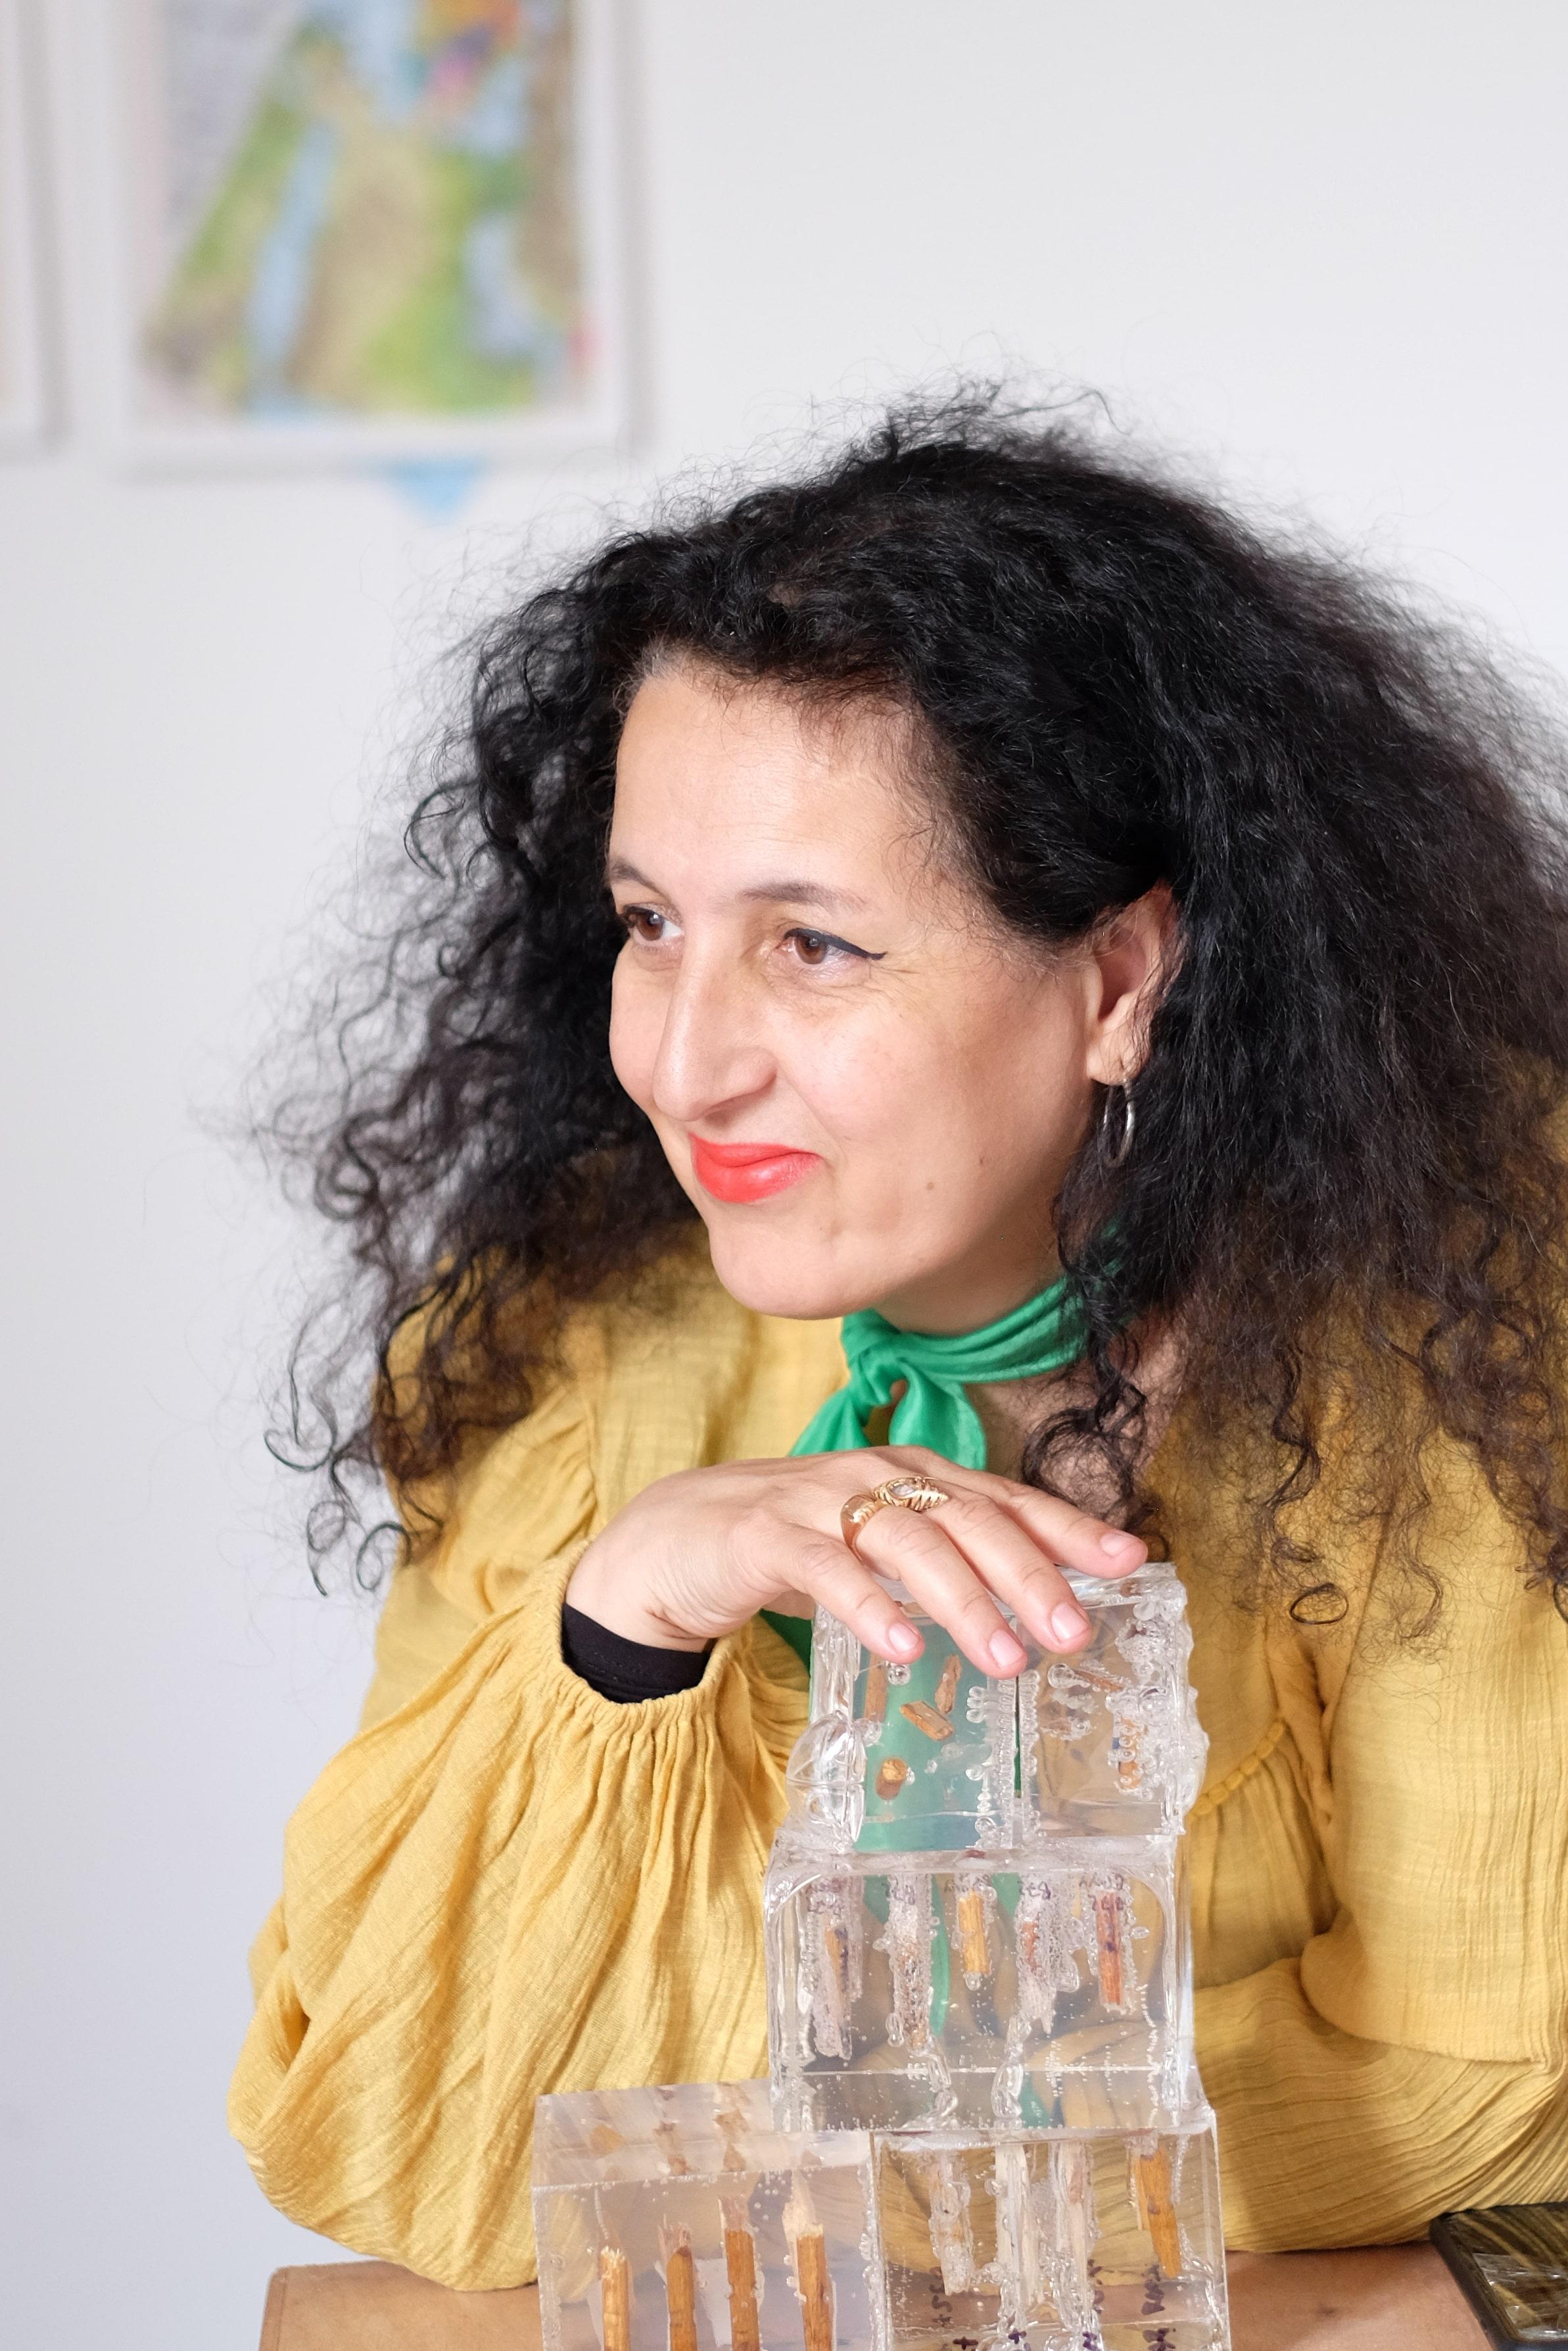 Zineb Sedira © Photo: Sueraya Shaheen